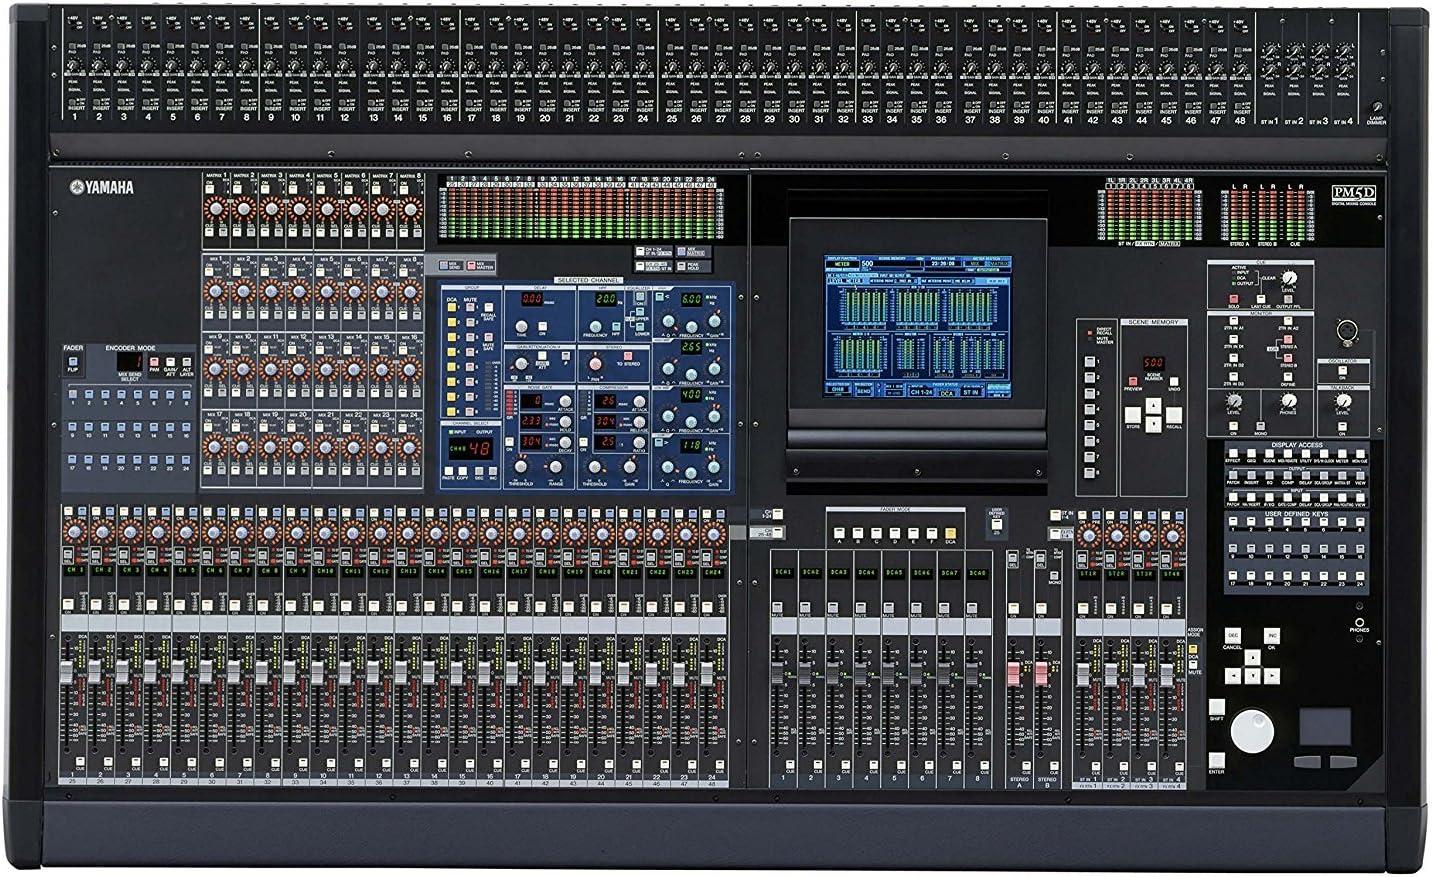 Amazon.com: Yamaha pm5d 48 entradas Digital para mezclar ...